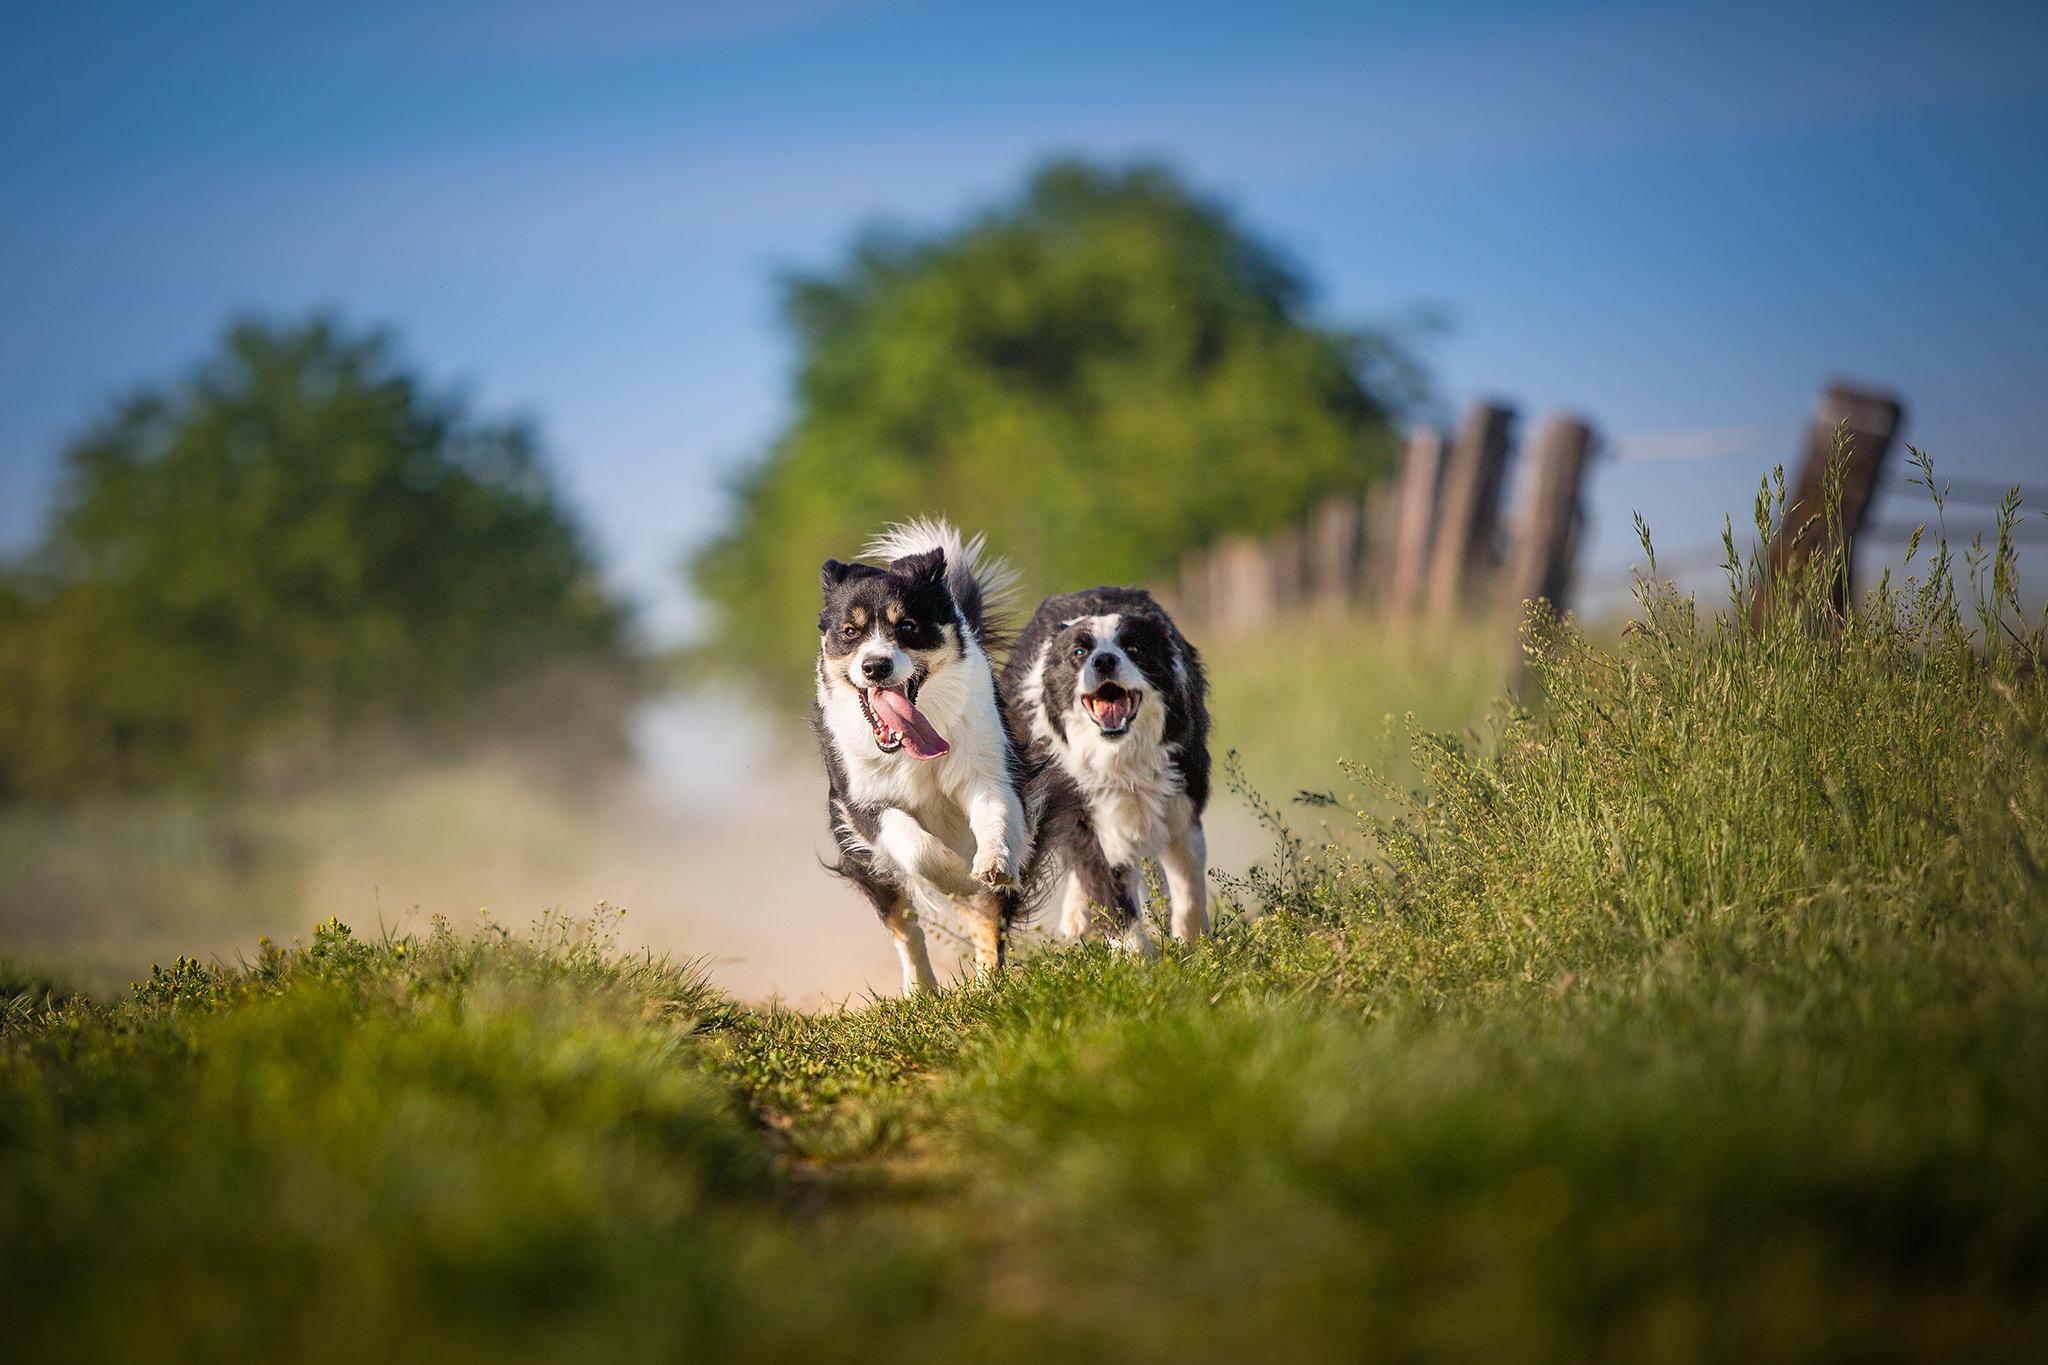 Foto des Monats: Fellow (Broadmeadows Fire Meet Gasoline) und Hundefreundin Enya